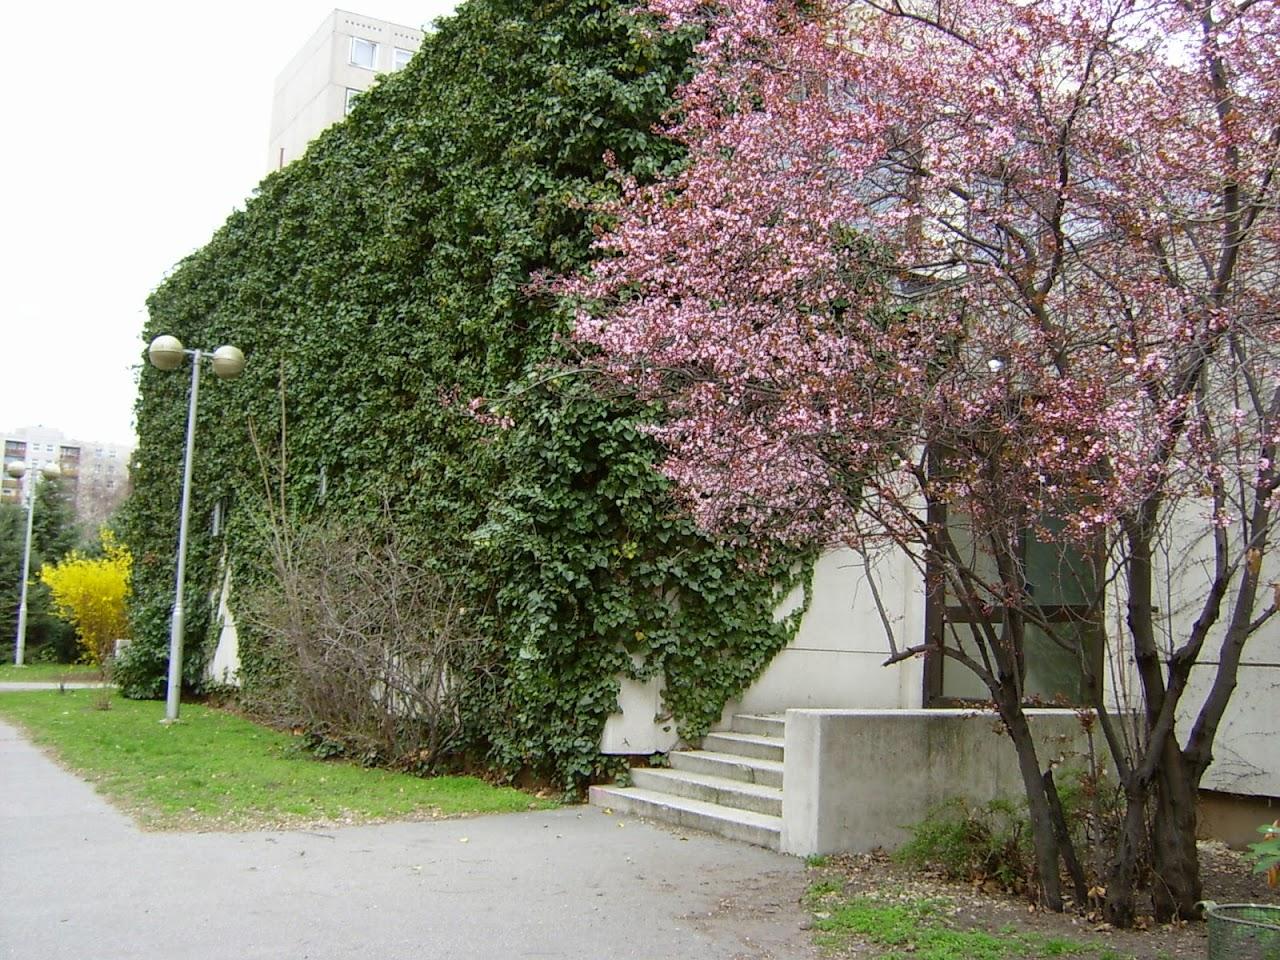 Képek az iskoláról - image011.jpg